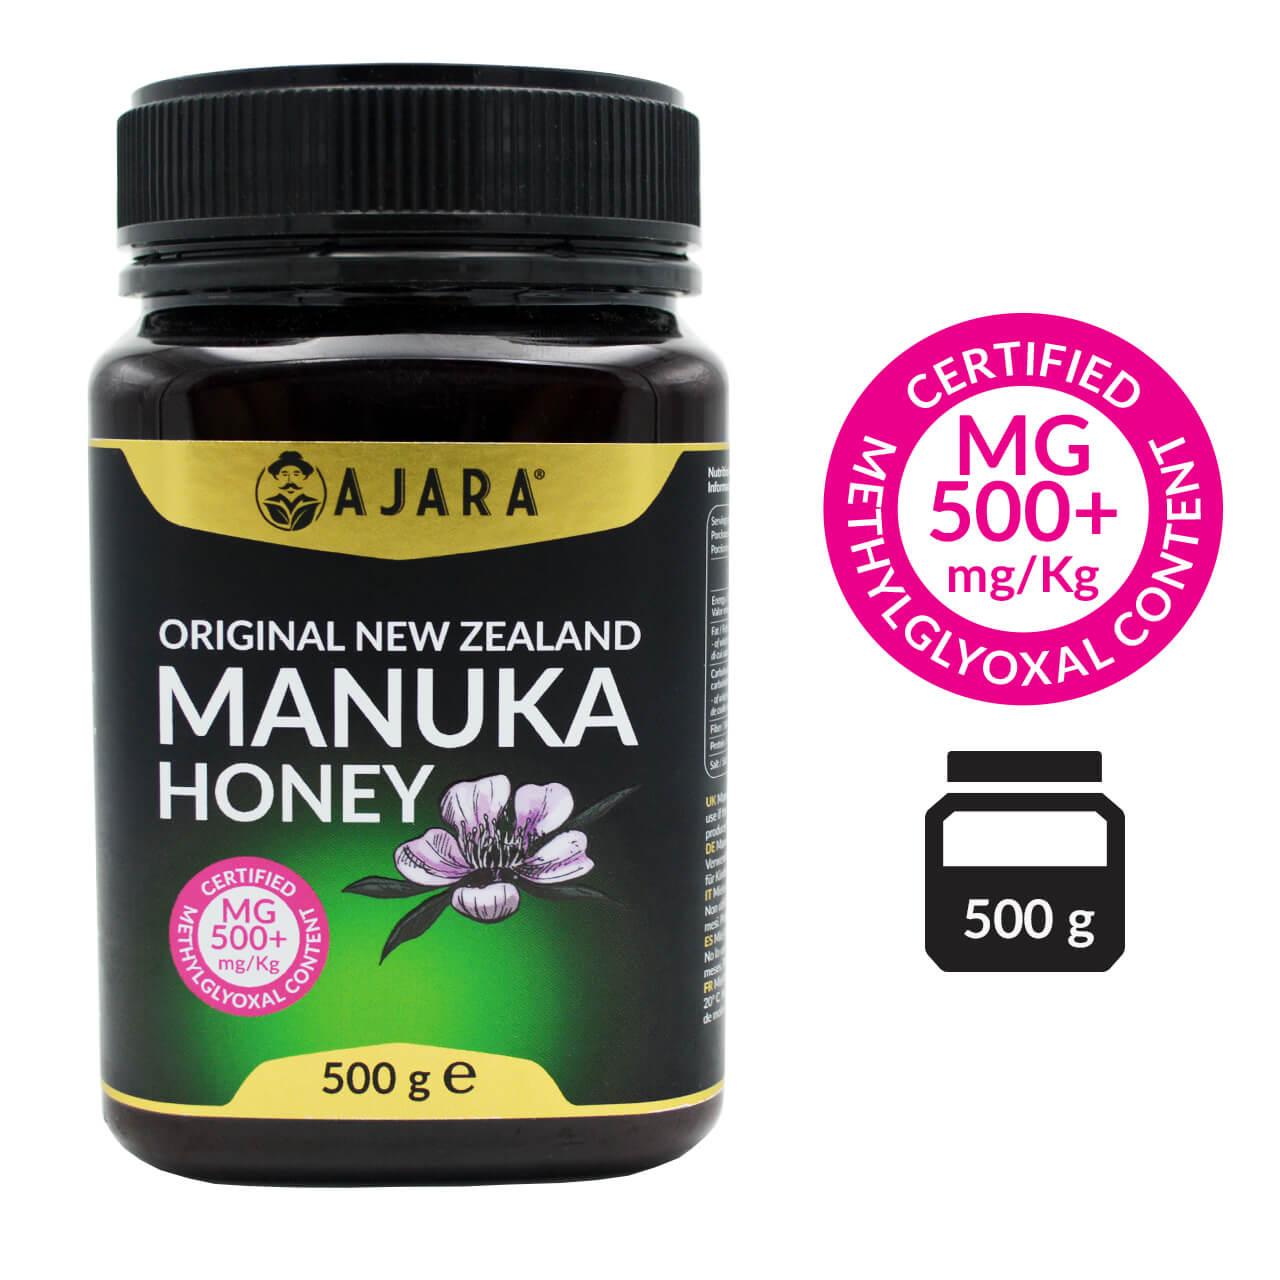 Manuka-Honig MG 500+ 500g